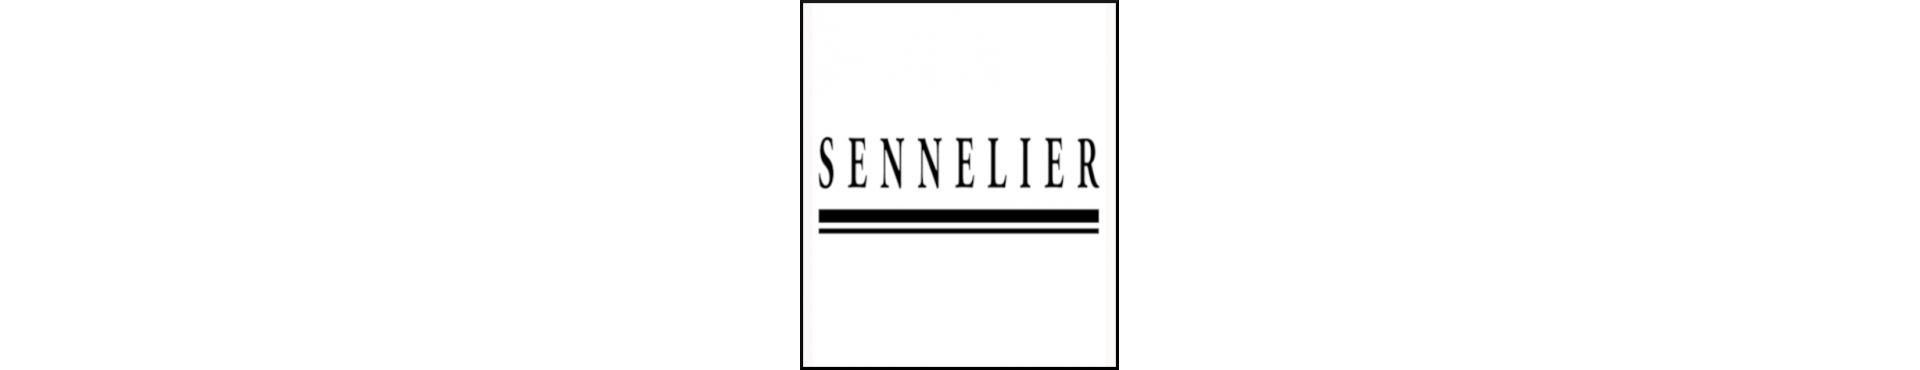 Tintas Sennelier